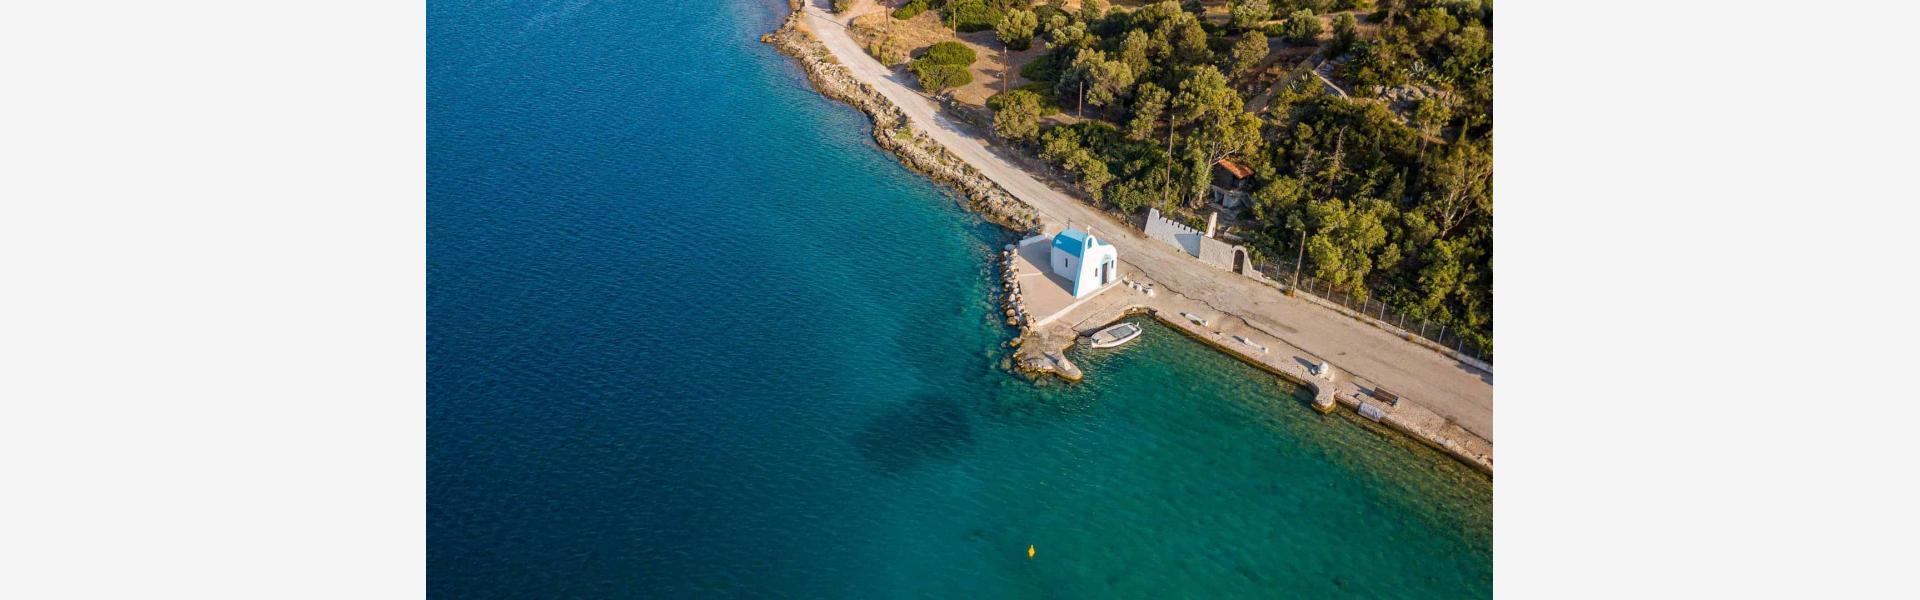 Λιμνοθάλασσα Ηραίου εκκλησάκι